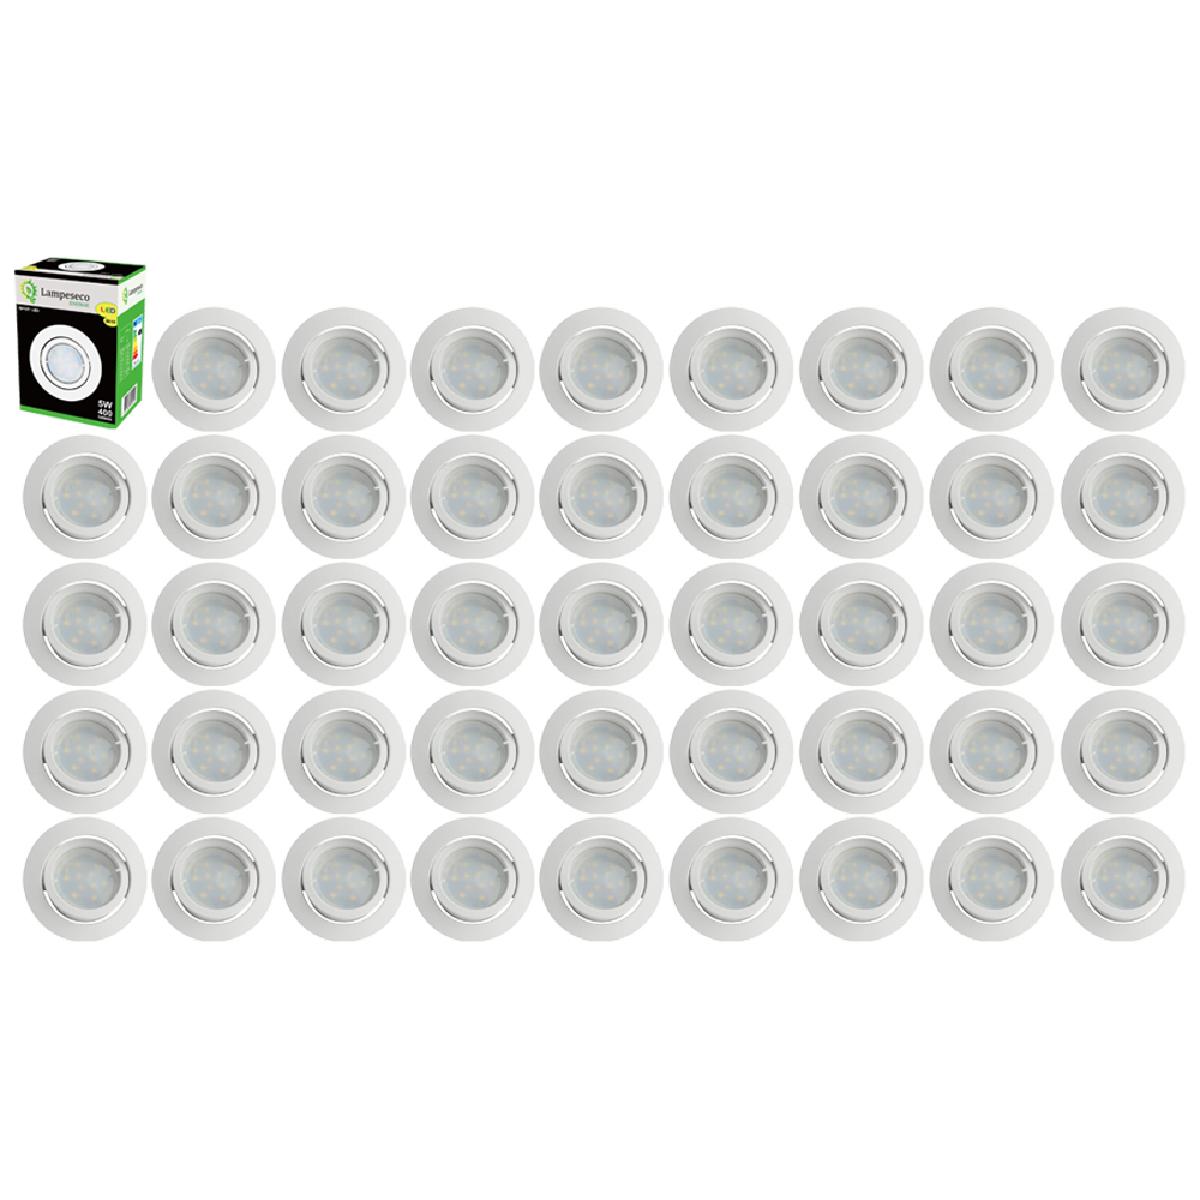 Eurobryte Lot de 45 Spot Led Encastrable Complete Blanc Orientable lumière Blanc Chaud eq. 50W ref.193